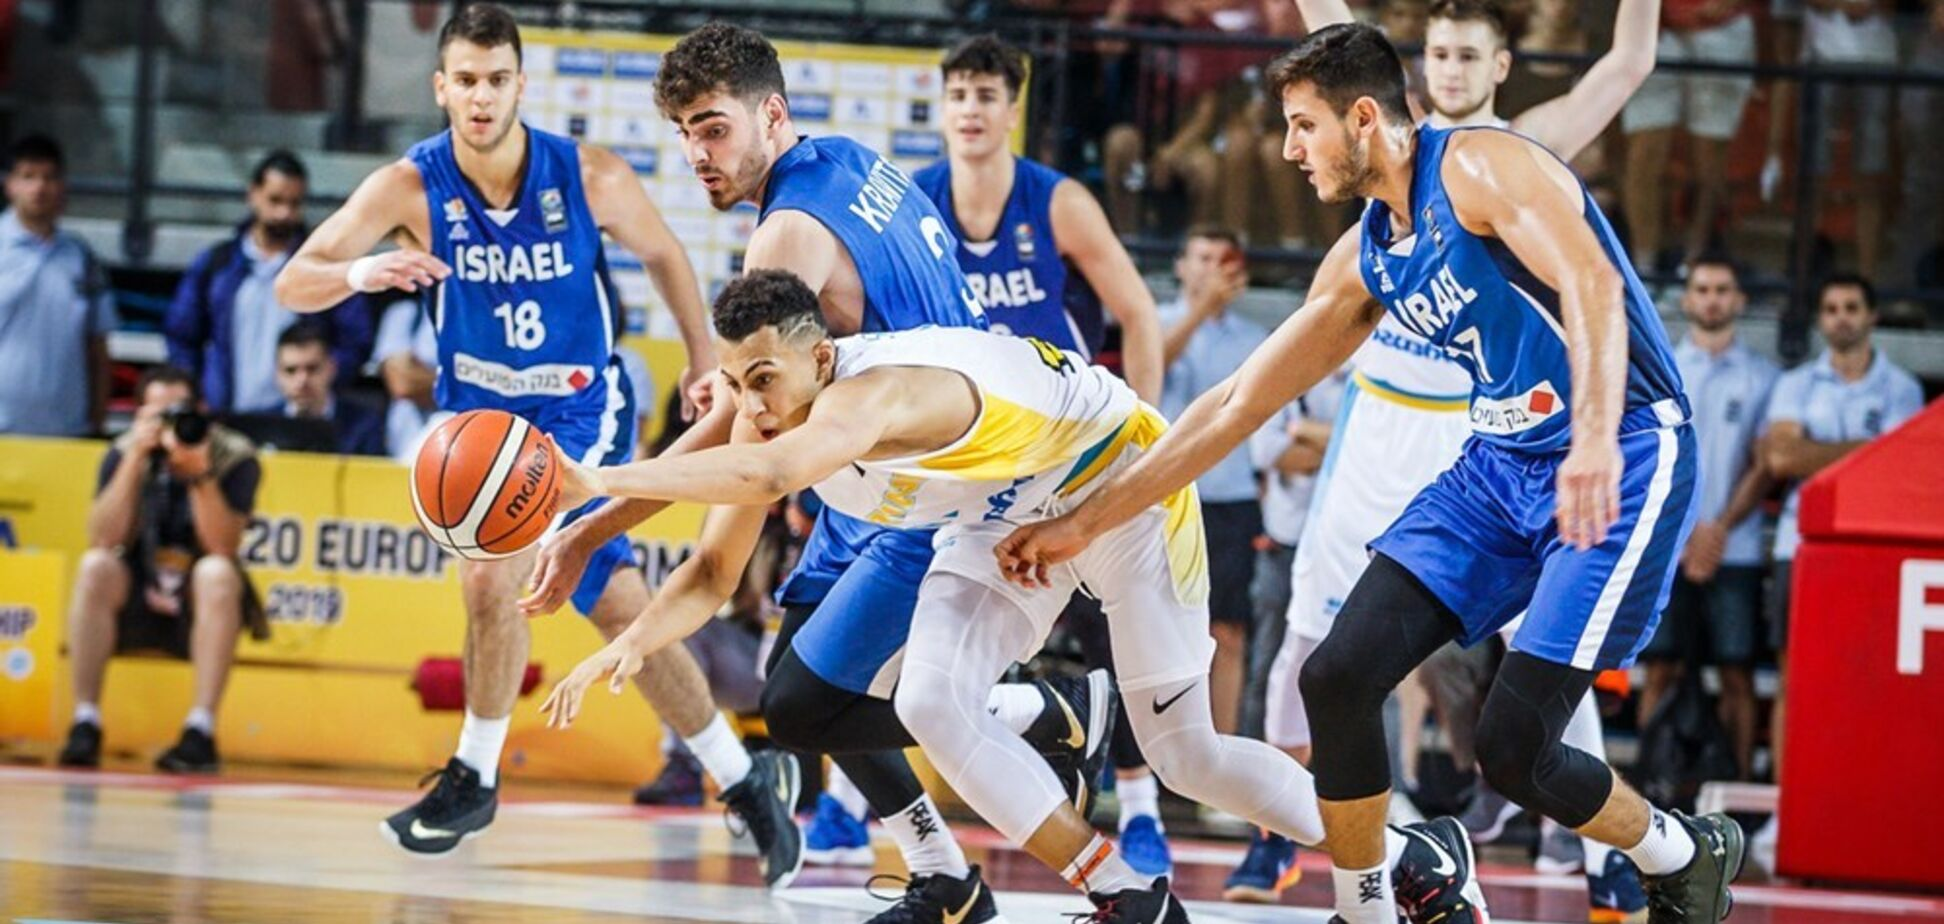 Українці вийшли до плей-офф Євробаскету U-20, видавши драму з господарями